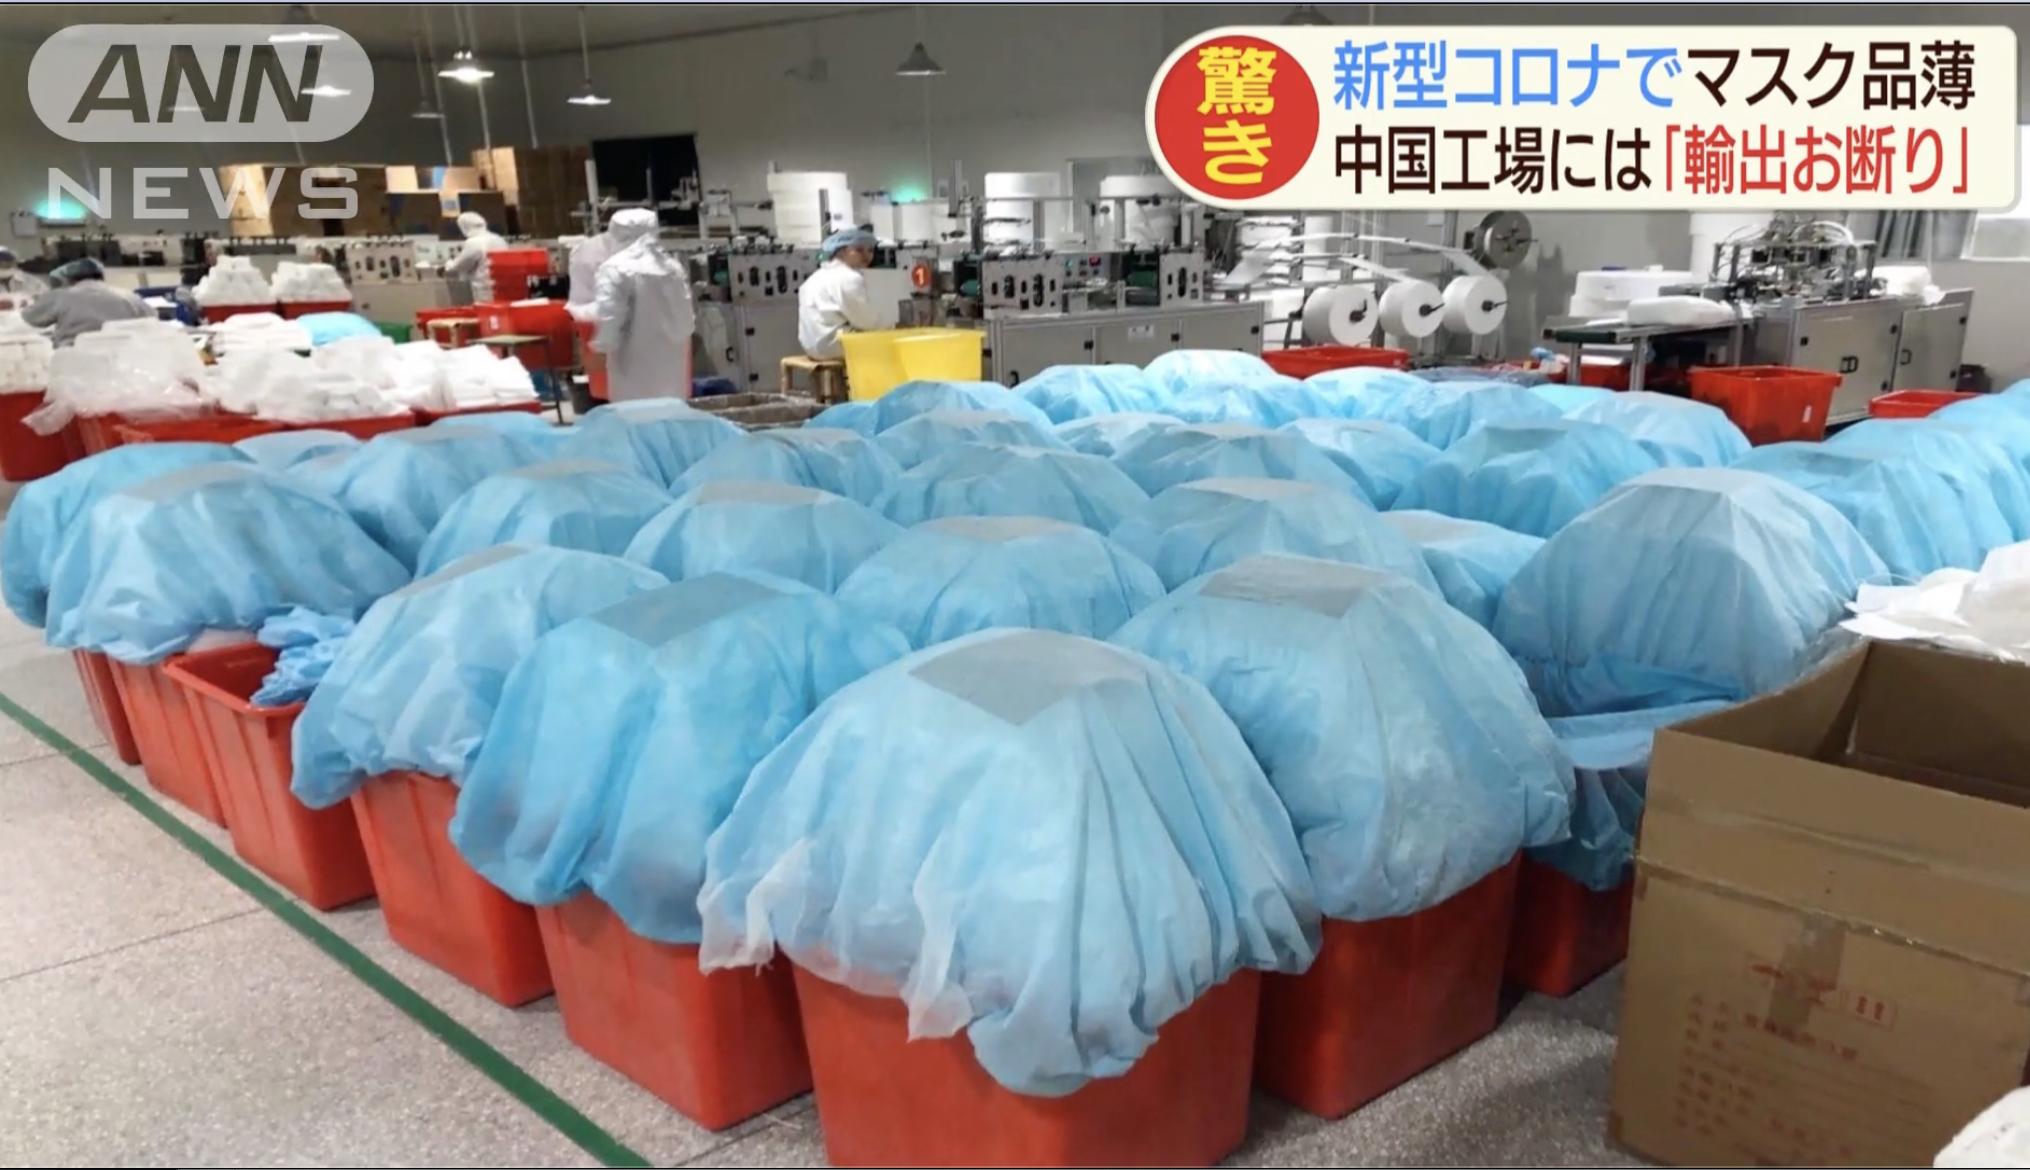 有日本商家在中國訂購的口罩被禁止發貨,中共地方官員威脅在中國的日方工作人員說:「發到日本是做高價轉賣吧,小心逮捕你!」(視頻截圖)